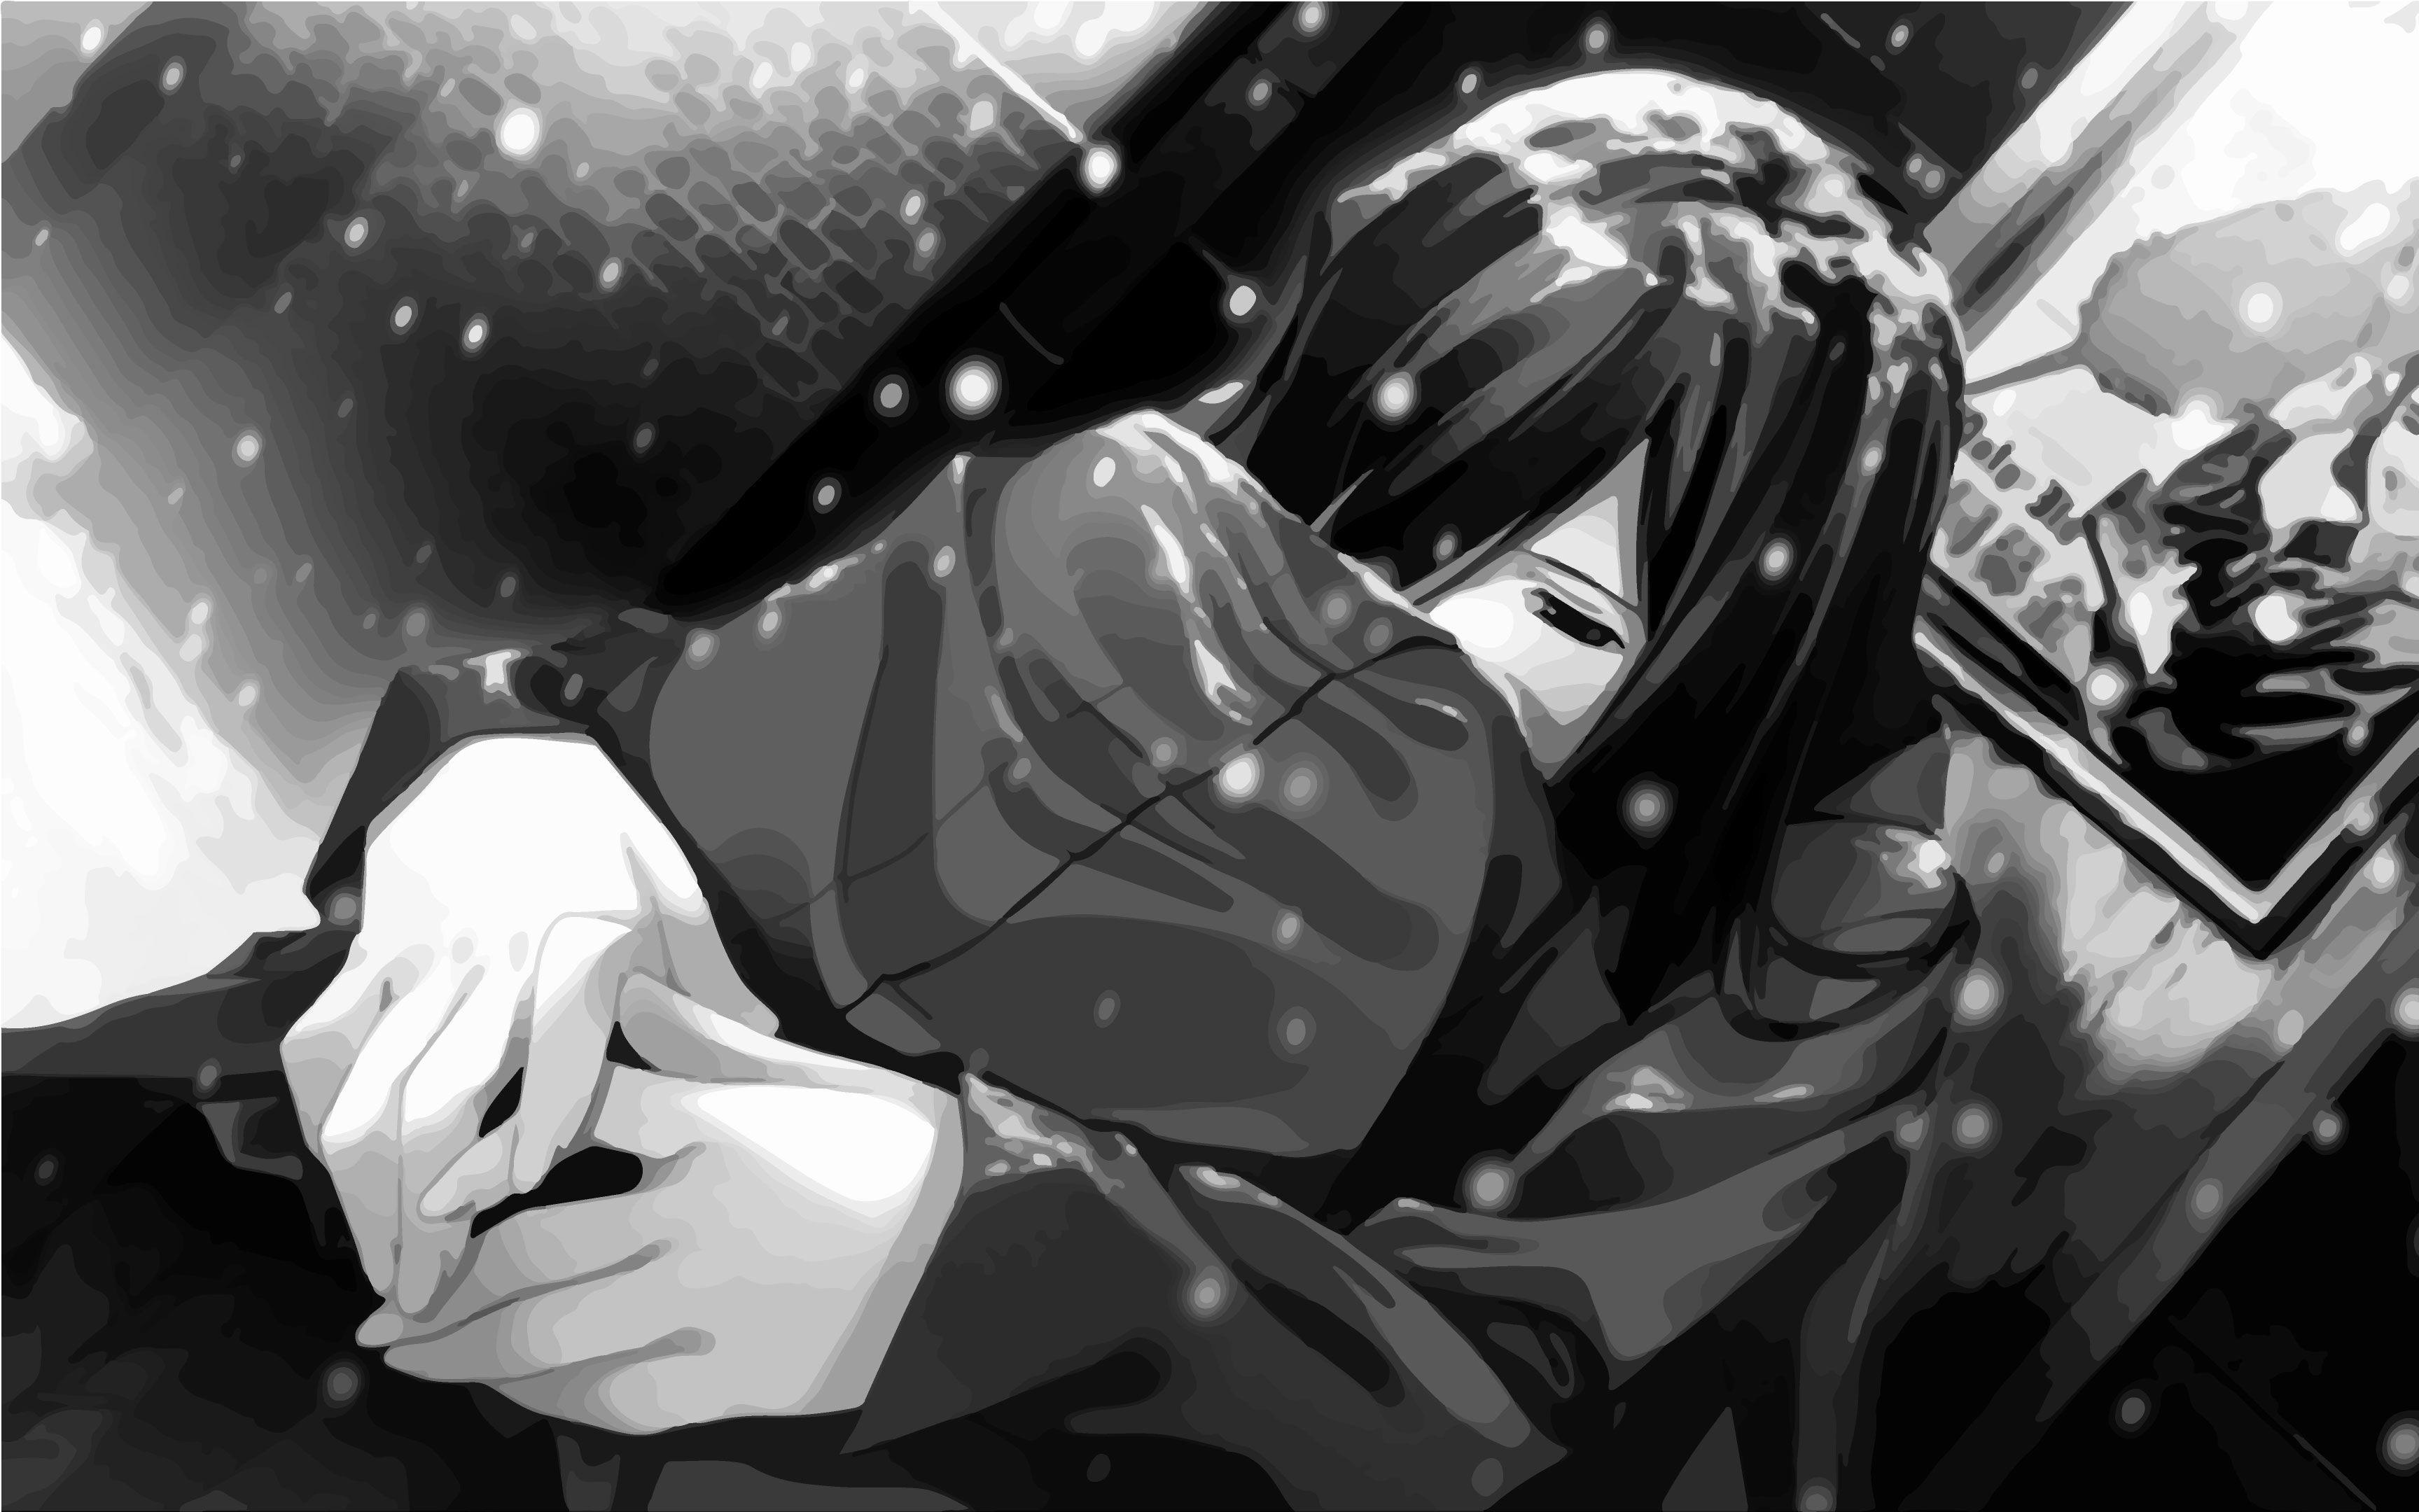 Sad Crying Anime Wallpapers - Top Free Sad Crying Anime